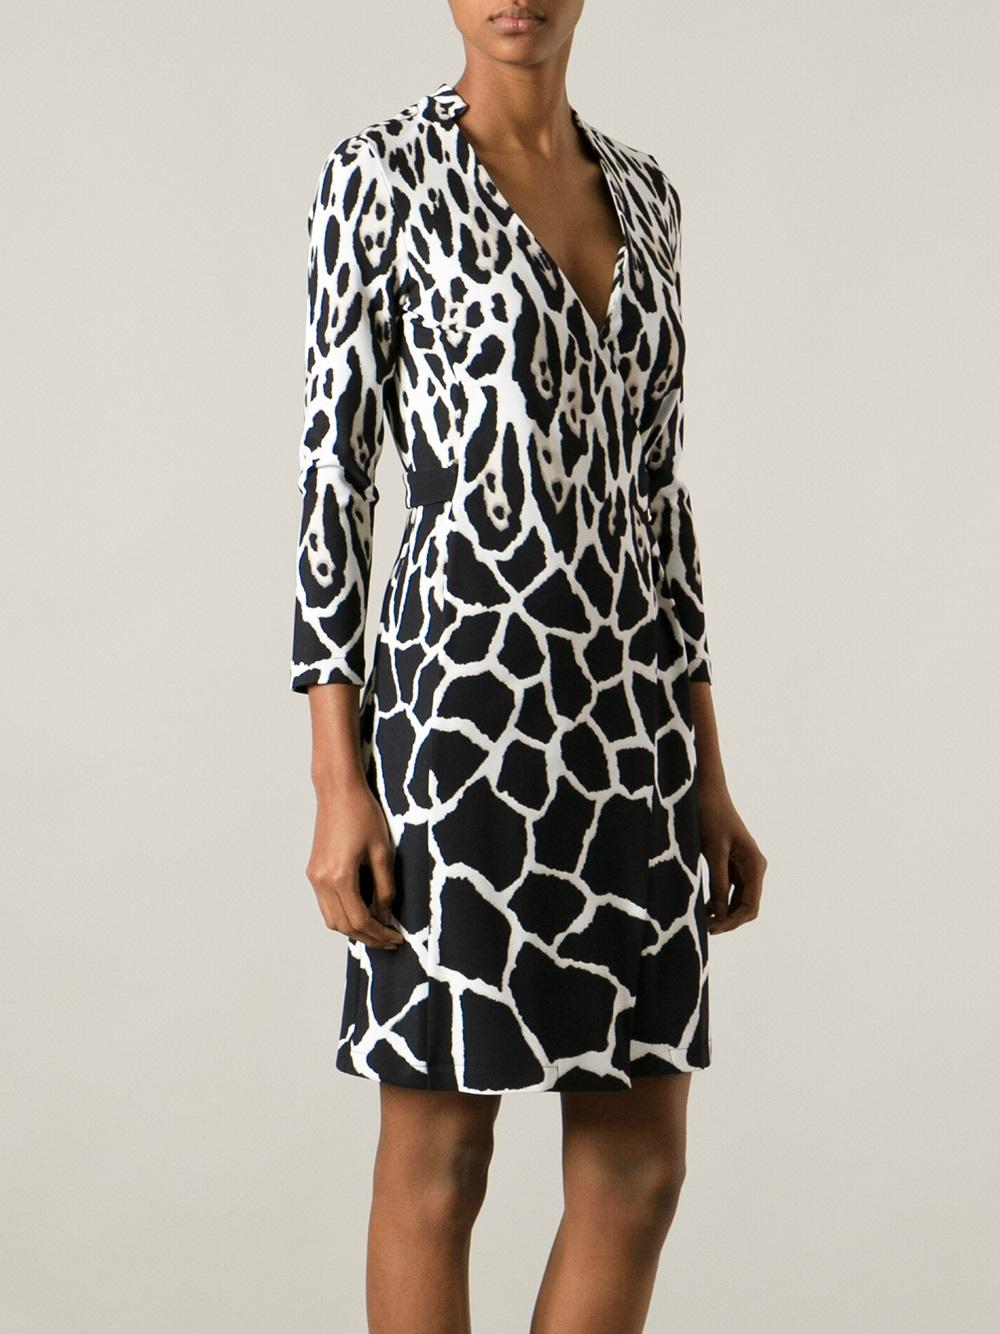 Roberto Cavalli Leopard Print Wrap Dress Lyst